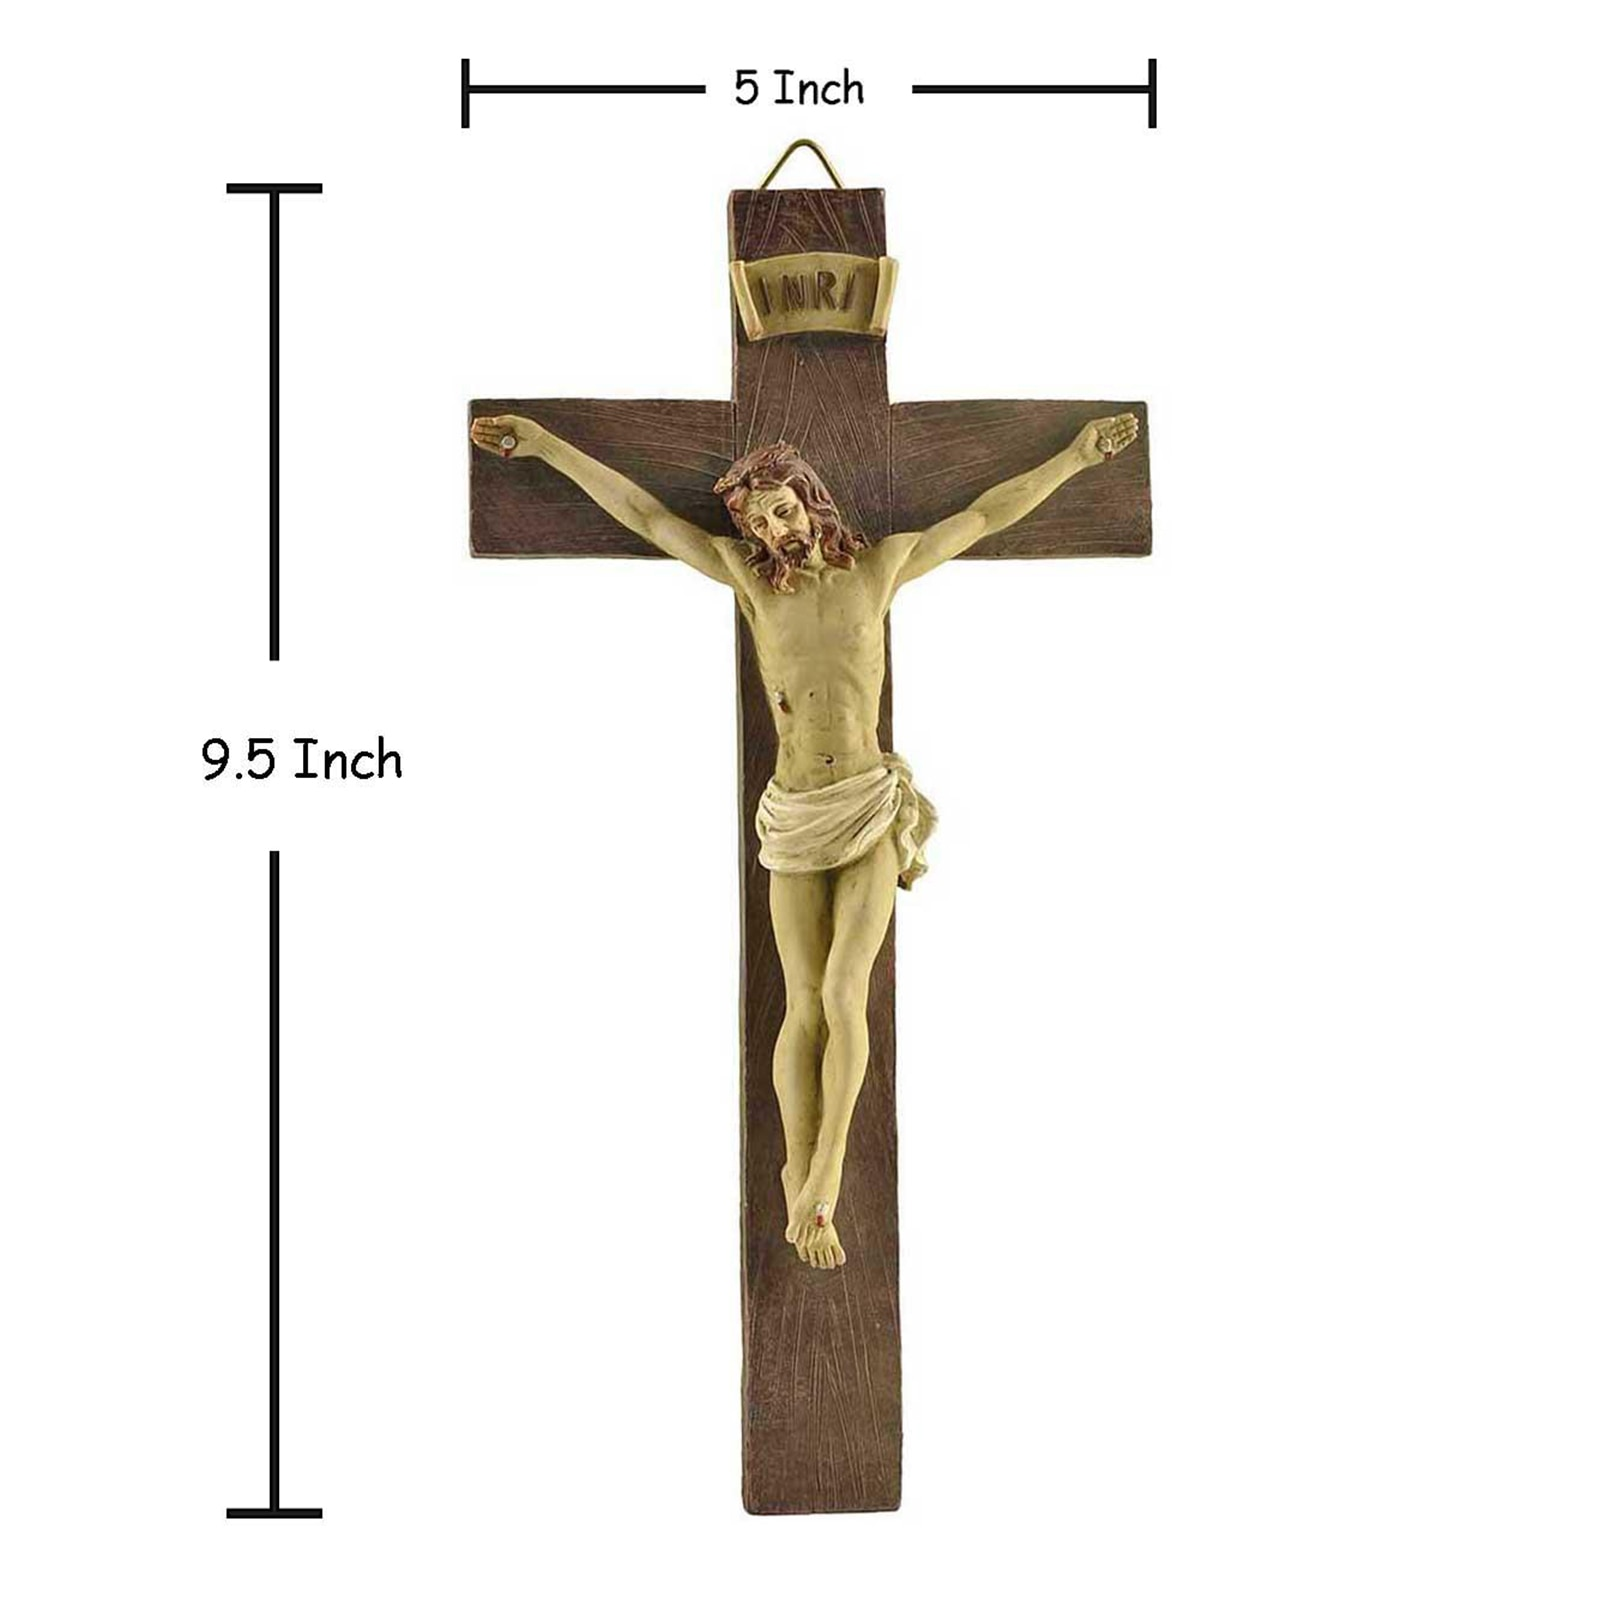 Полимерный распятильник Иисуса Христа на подставке, фигурка Креста для украшения домашней часовни